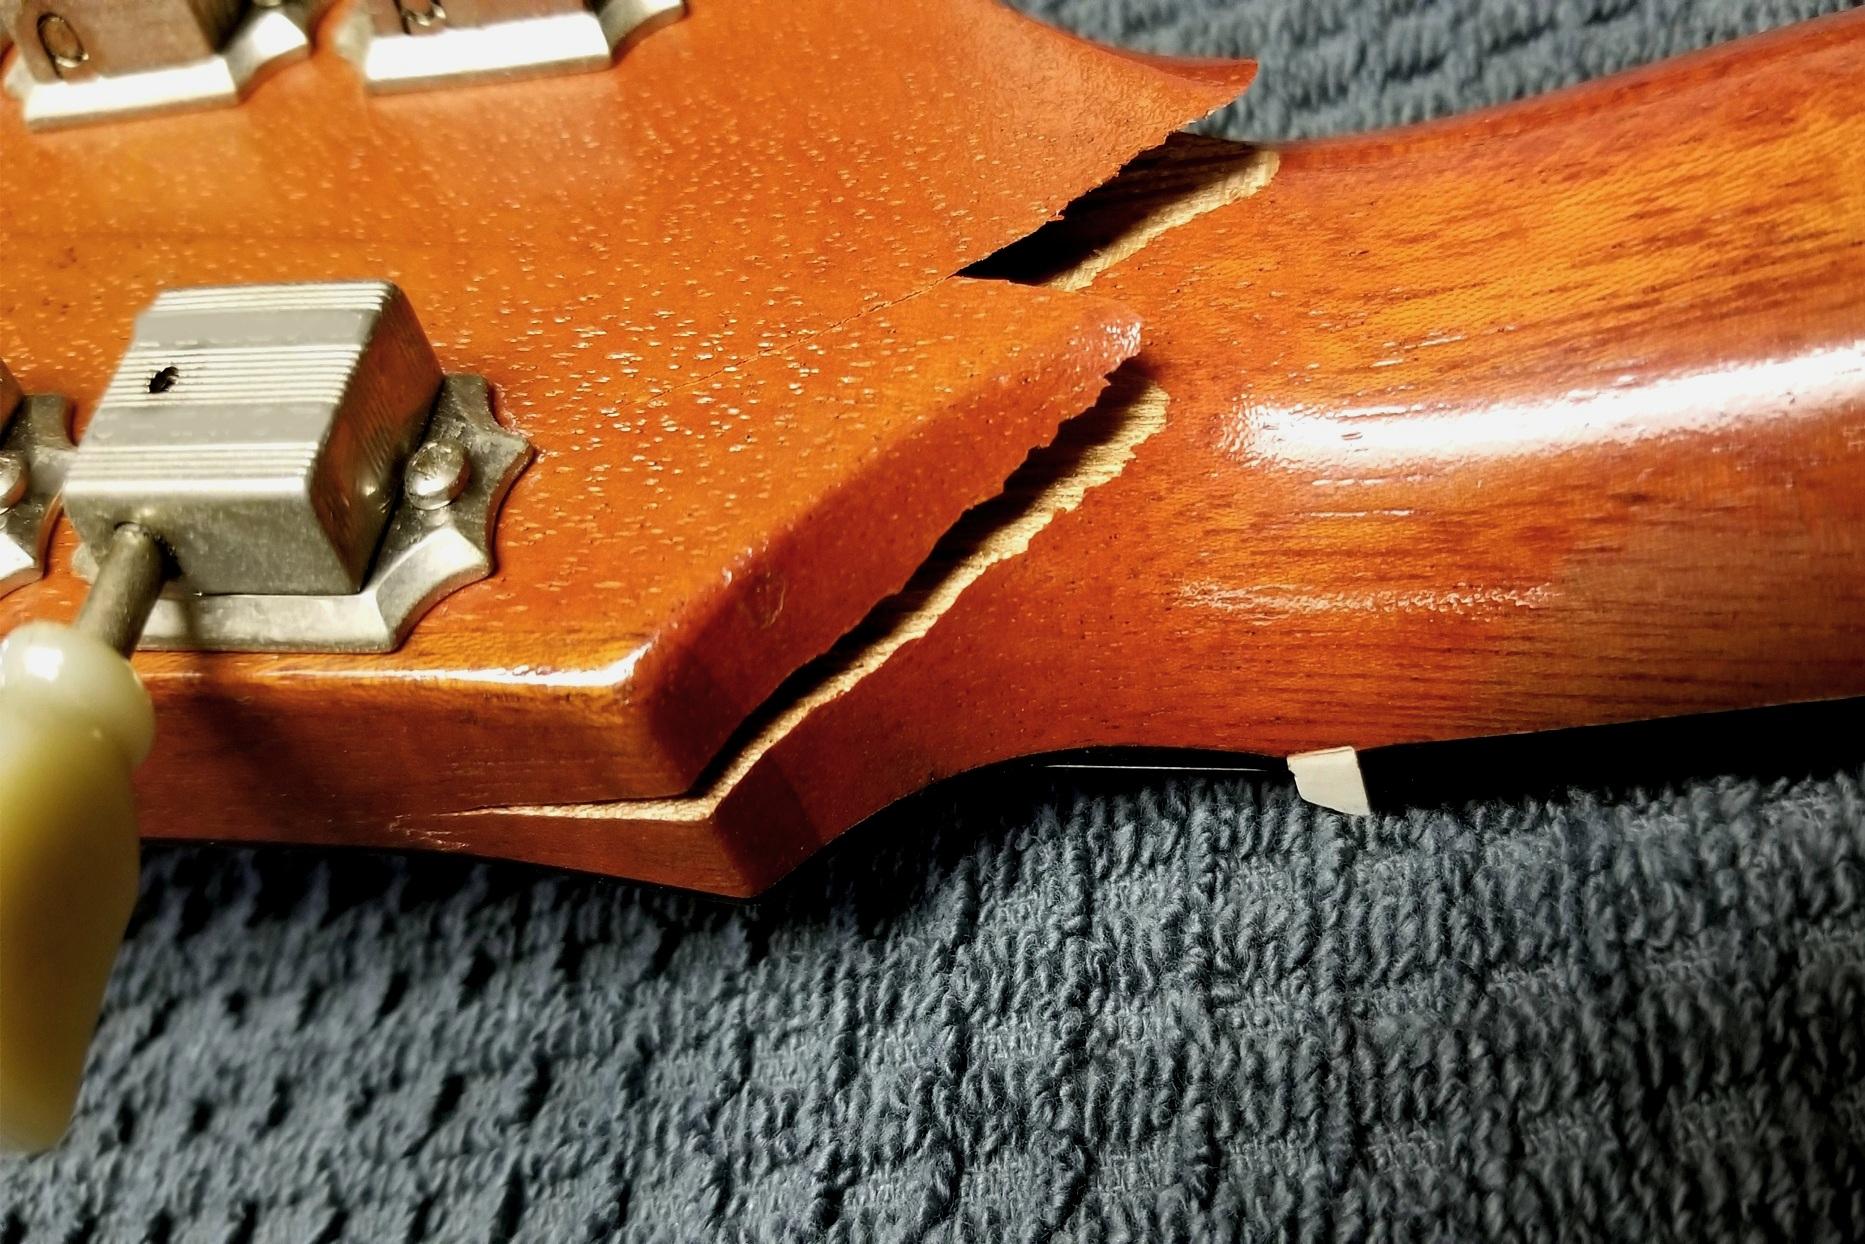 Guitar-neck-and-body-repair